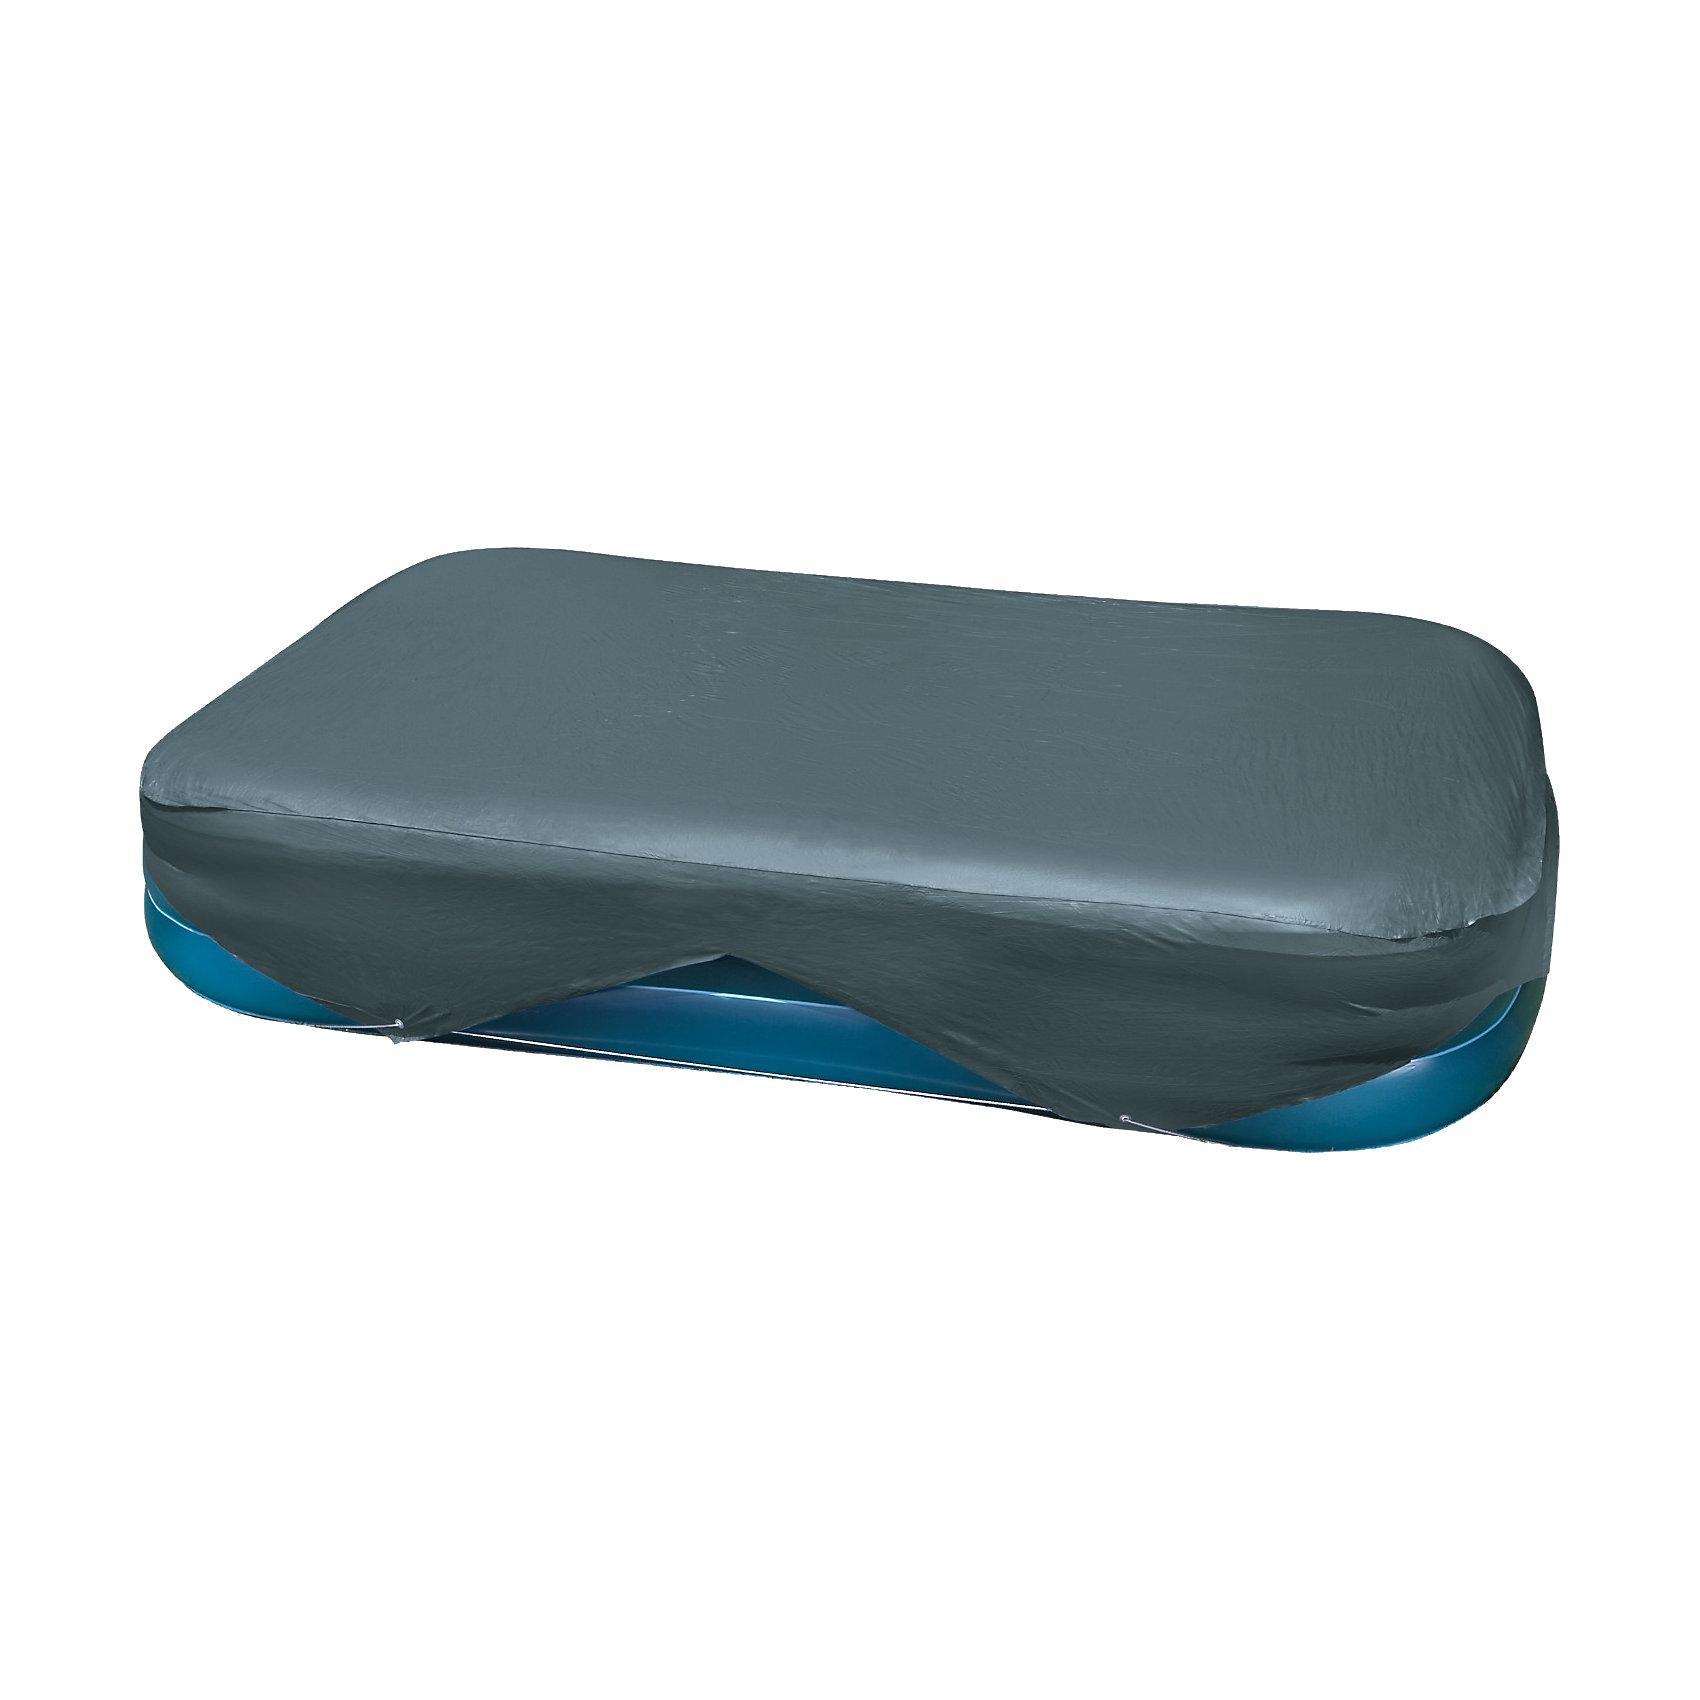 Тент-покрывало для бассейнов, IntexТент-покрывало, Intex (Интекс) - сохранит воду в бассейне чистой  и безопасной для здоровья.<br>Тент-покрывало - очень полезный и практичный аксессуар для семейных надувных бассейнов Intex (Интекс), размером 262х175 см и 305х183 см. Тент предохраняет бассейн от попадания в него пыли, грязи, листвы, уменьшает испарение воды, защищает стенки от выгорания. Позволяет воде лучше прогреваться и дольше удерживать тепло. Производитель рекомендует накрывать бассейн тентом на все время, пока бассейн не используют. Данный тент предназначен для бассейнов INTEX арт. 56483, 58484, 58485, 57484, изготовлен из прочного водонепроницаемого, водоотталкивающего материала, устойчивого к механическому воздействию. Фиксируется на бассейне канатом, пропущенным по краю тента.<br><br>Дополнительная информация:<br><br>- Материал: ПВХ толщина 0,18 мм.<br>- Размер упаковки: 26х24х8 см.<br>- Вес: 2,1 кг.<br><br>Ширина мм: 259<br>Глубина мм: 228<br>Высота мм: 81<br>Вес г: 1969<br>Возраст от месяцев: -2147483648<br>Возраст до месяцев: 2147483647<br>Пол: Унисекс<br>Возраст: Детский<br>SKU: 2379966